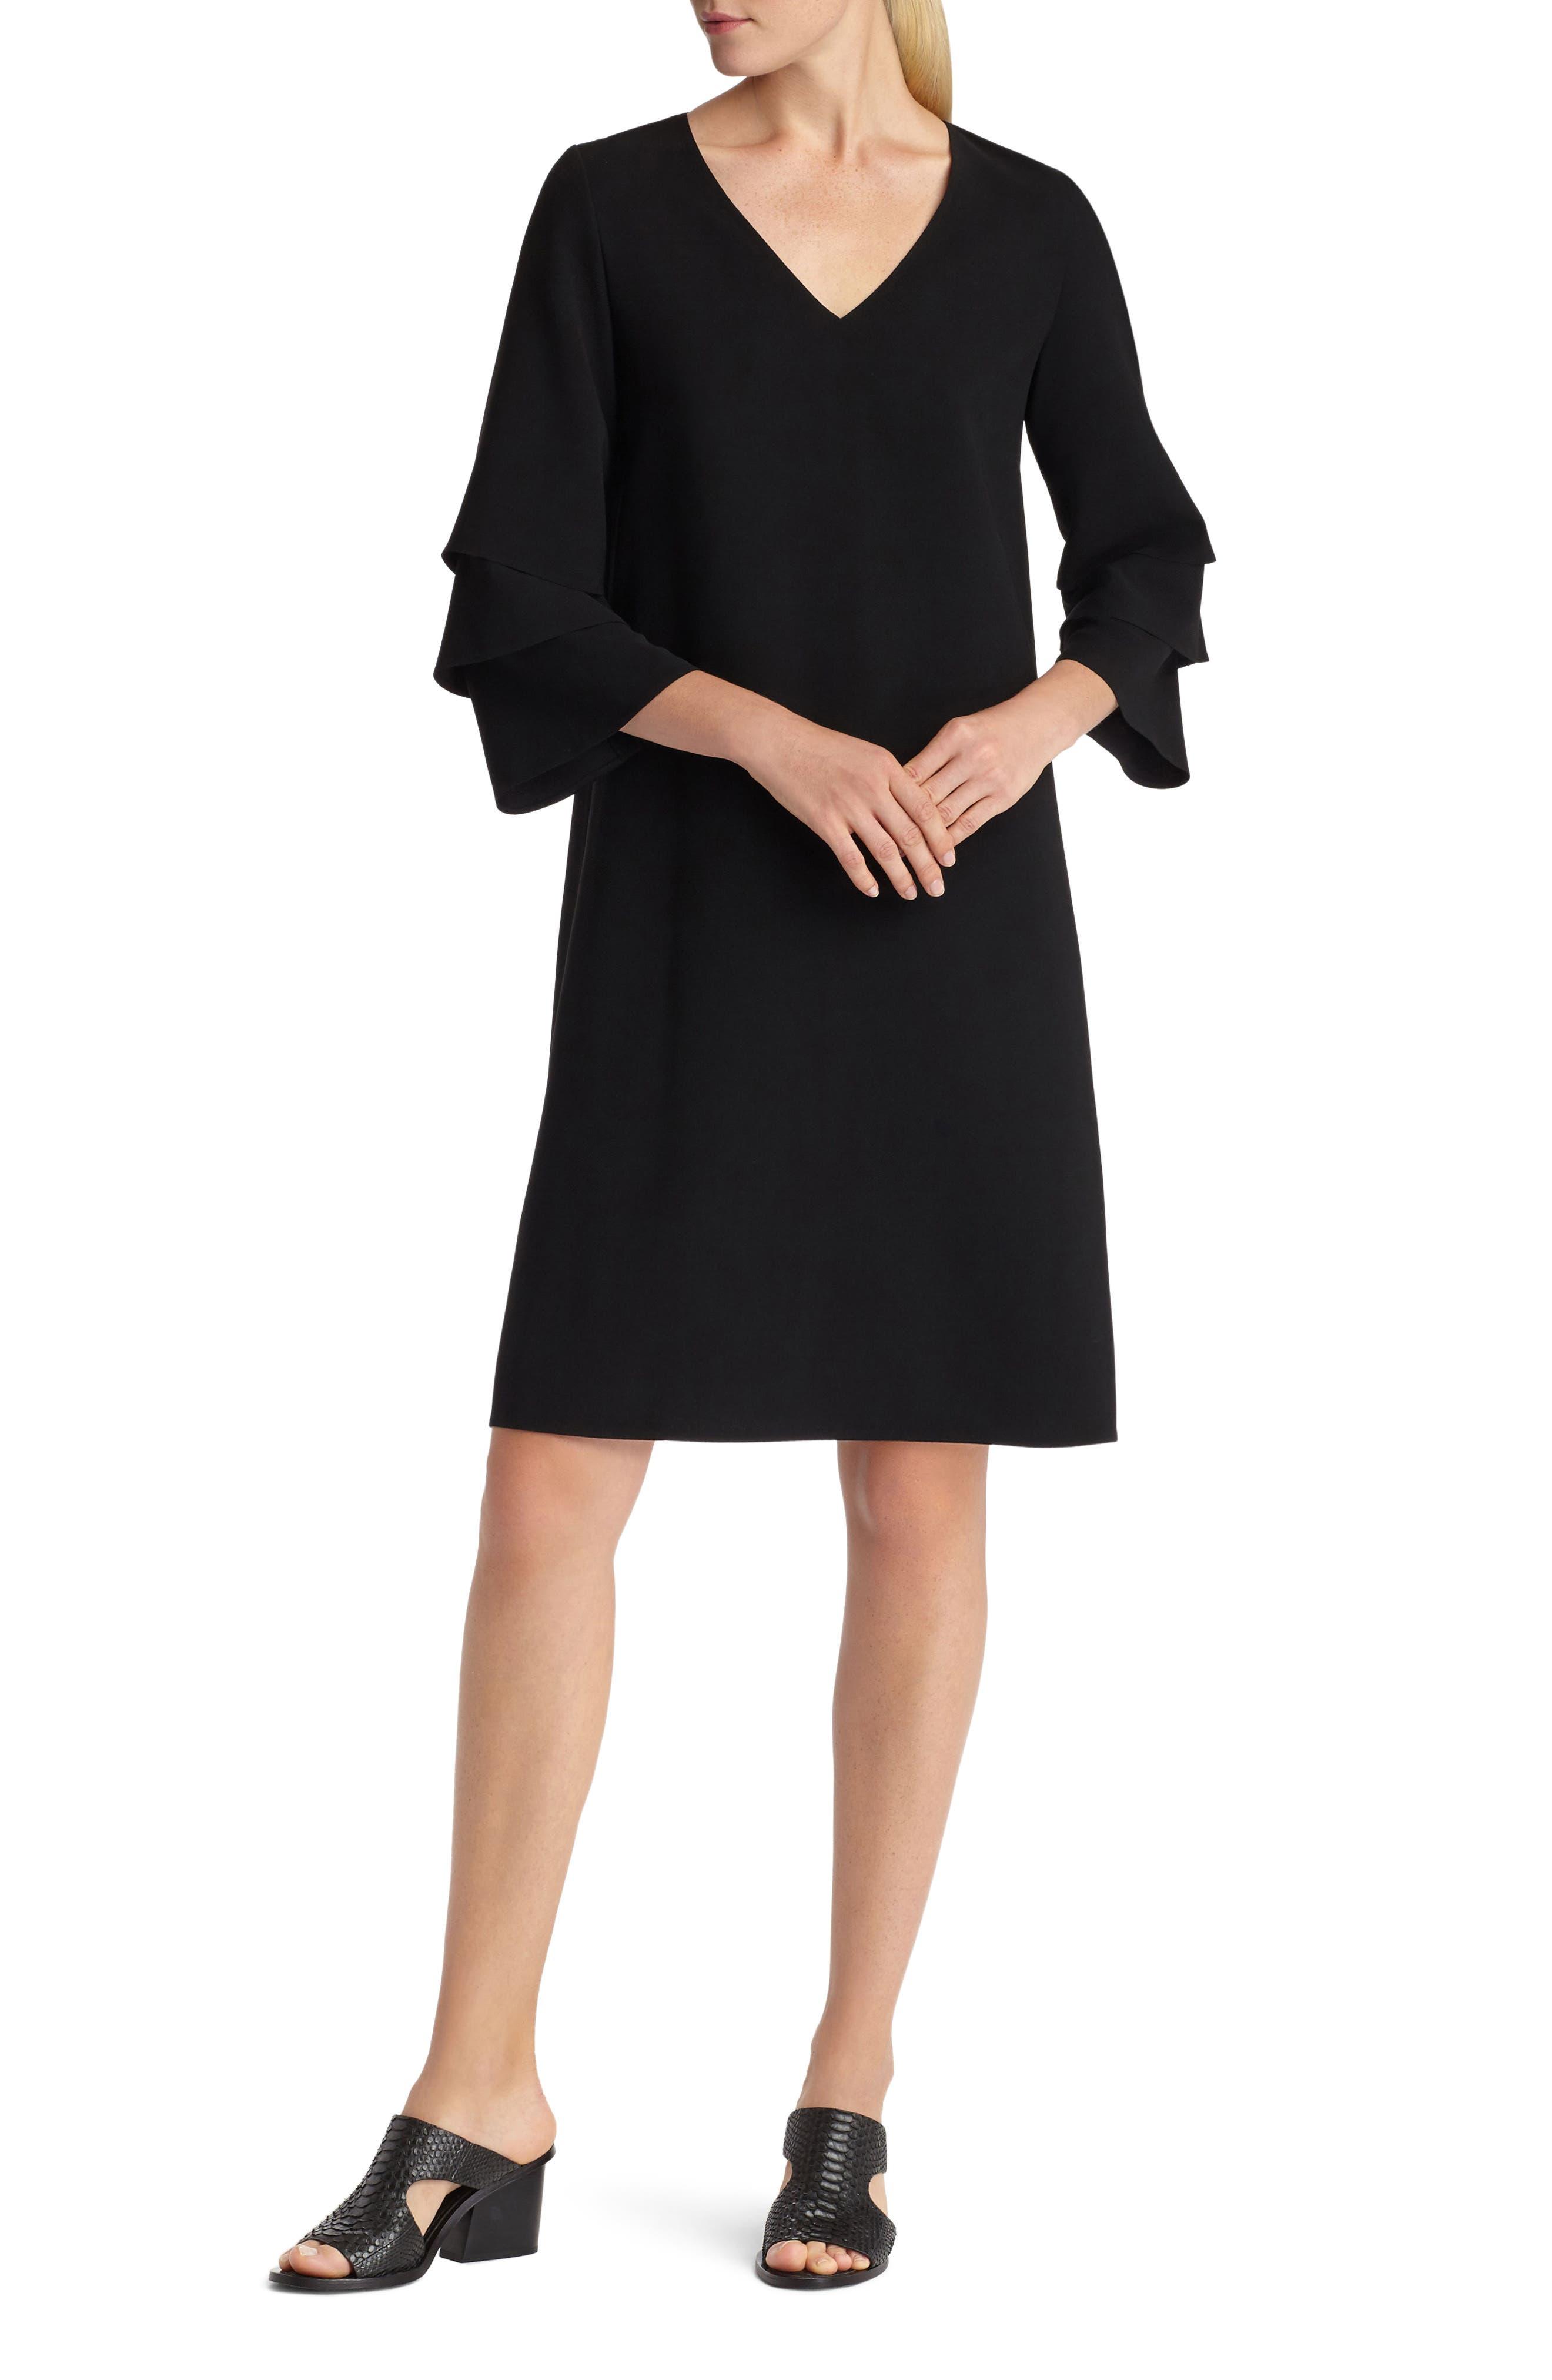 Velez Finesse Crepe Shift Dress,                             Main thumbnail 1, color,                             Black